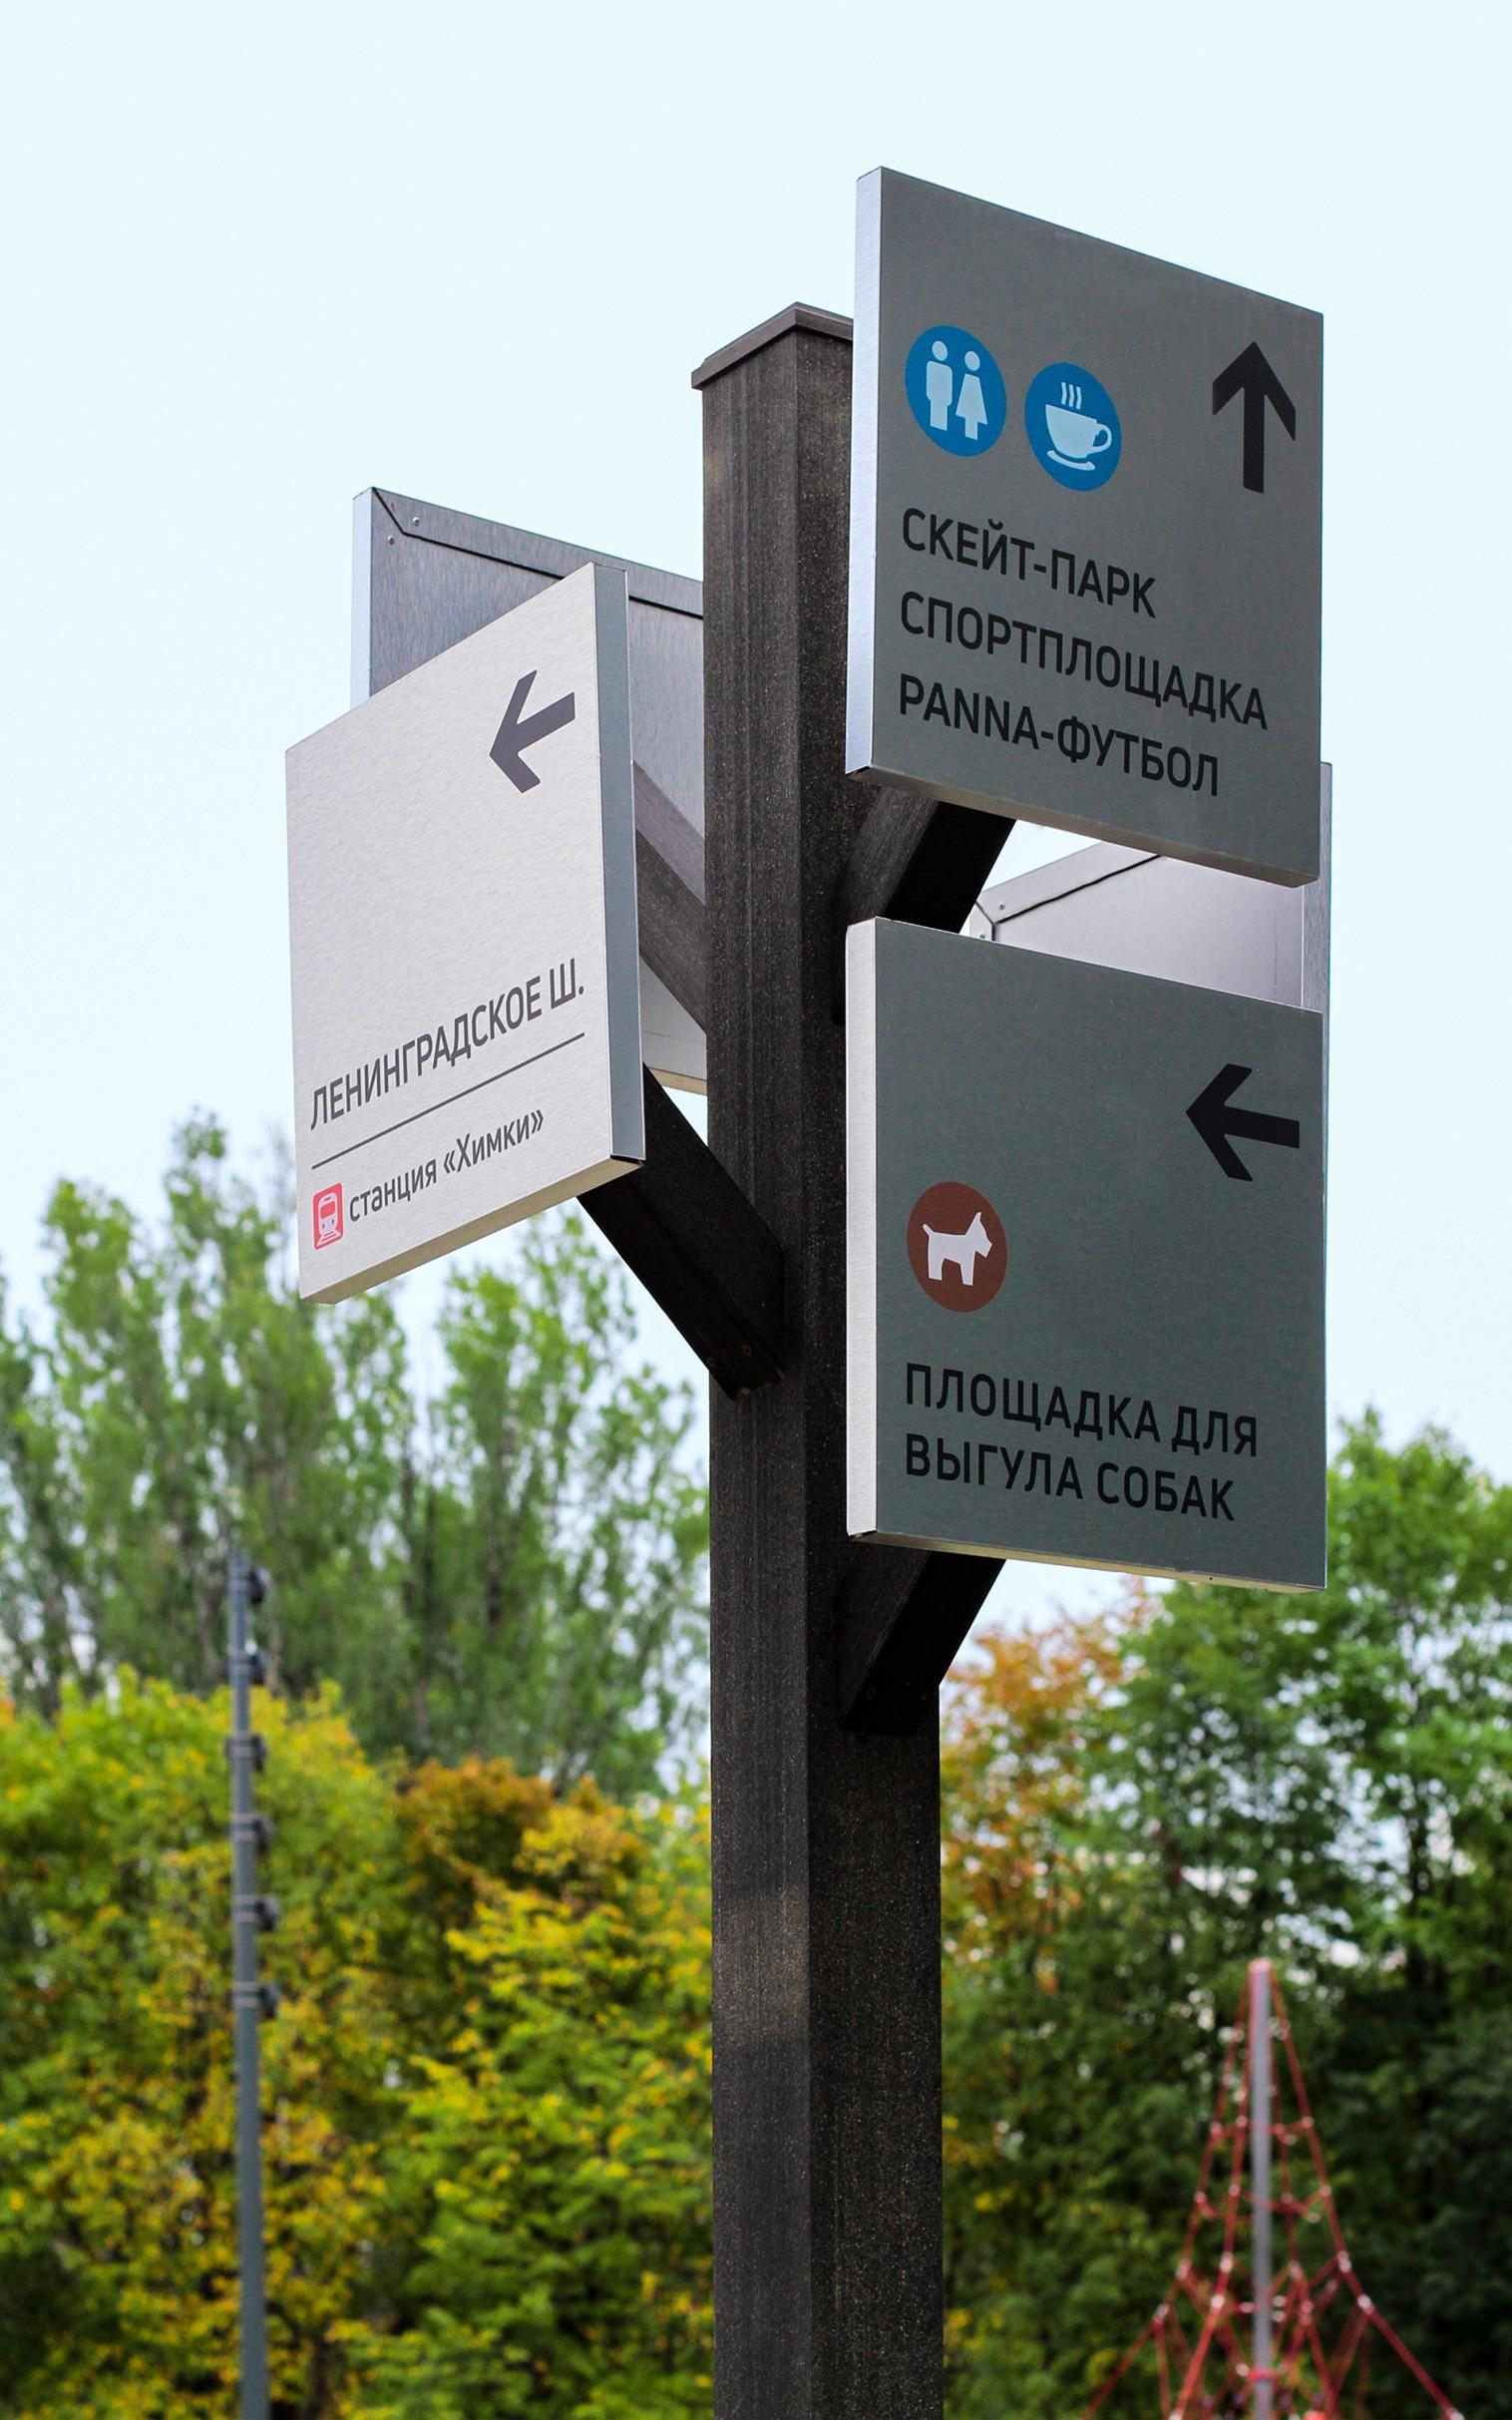 Navigaciya_skver-12 | Навигация в сквере им. Марии Рубцовой